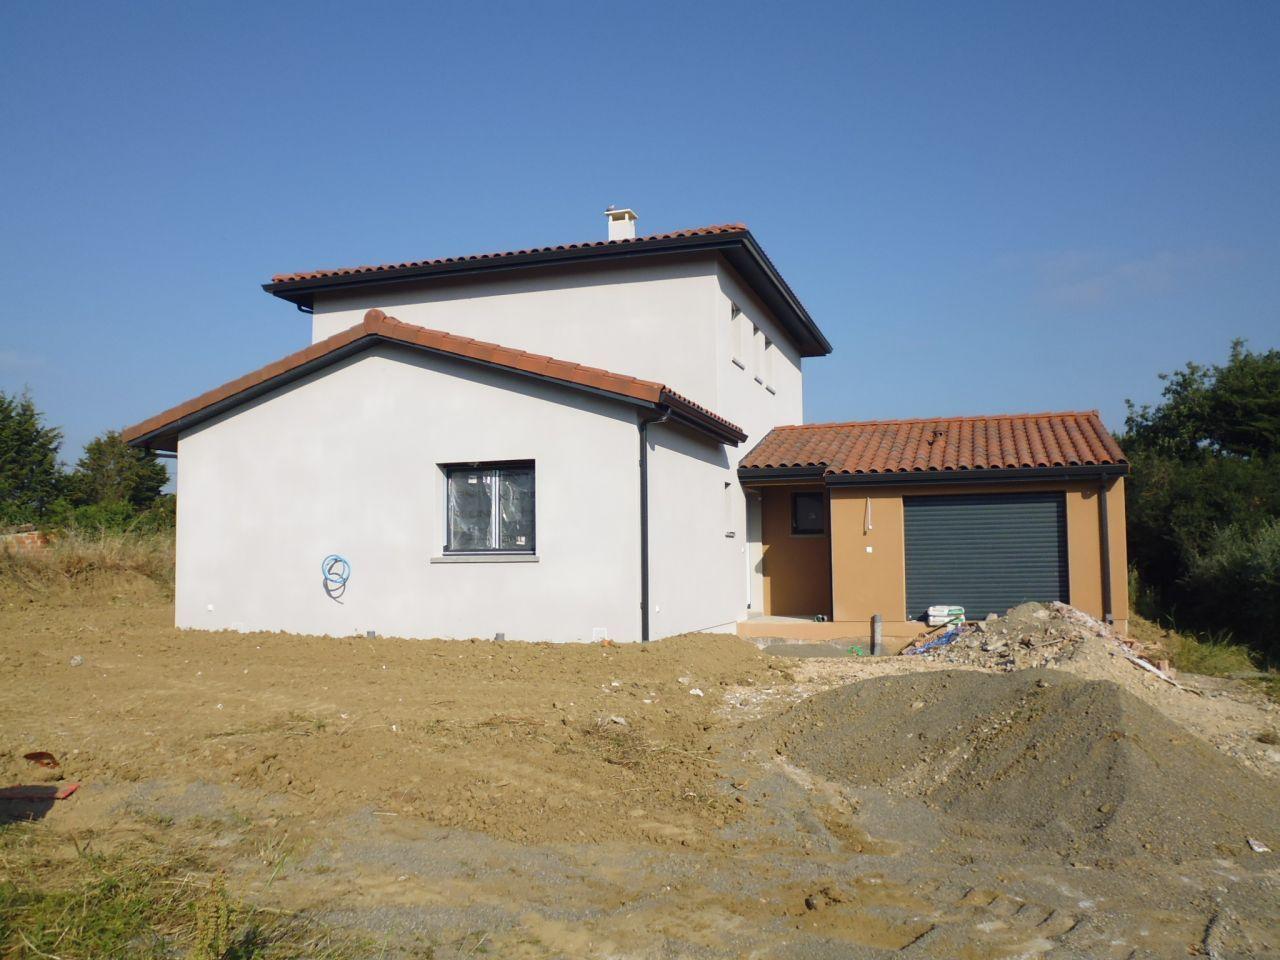 Crepi facade maison mur crepi with crepi facade maison for Couleur facade maison sud